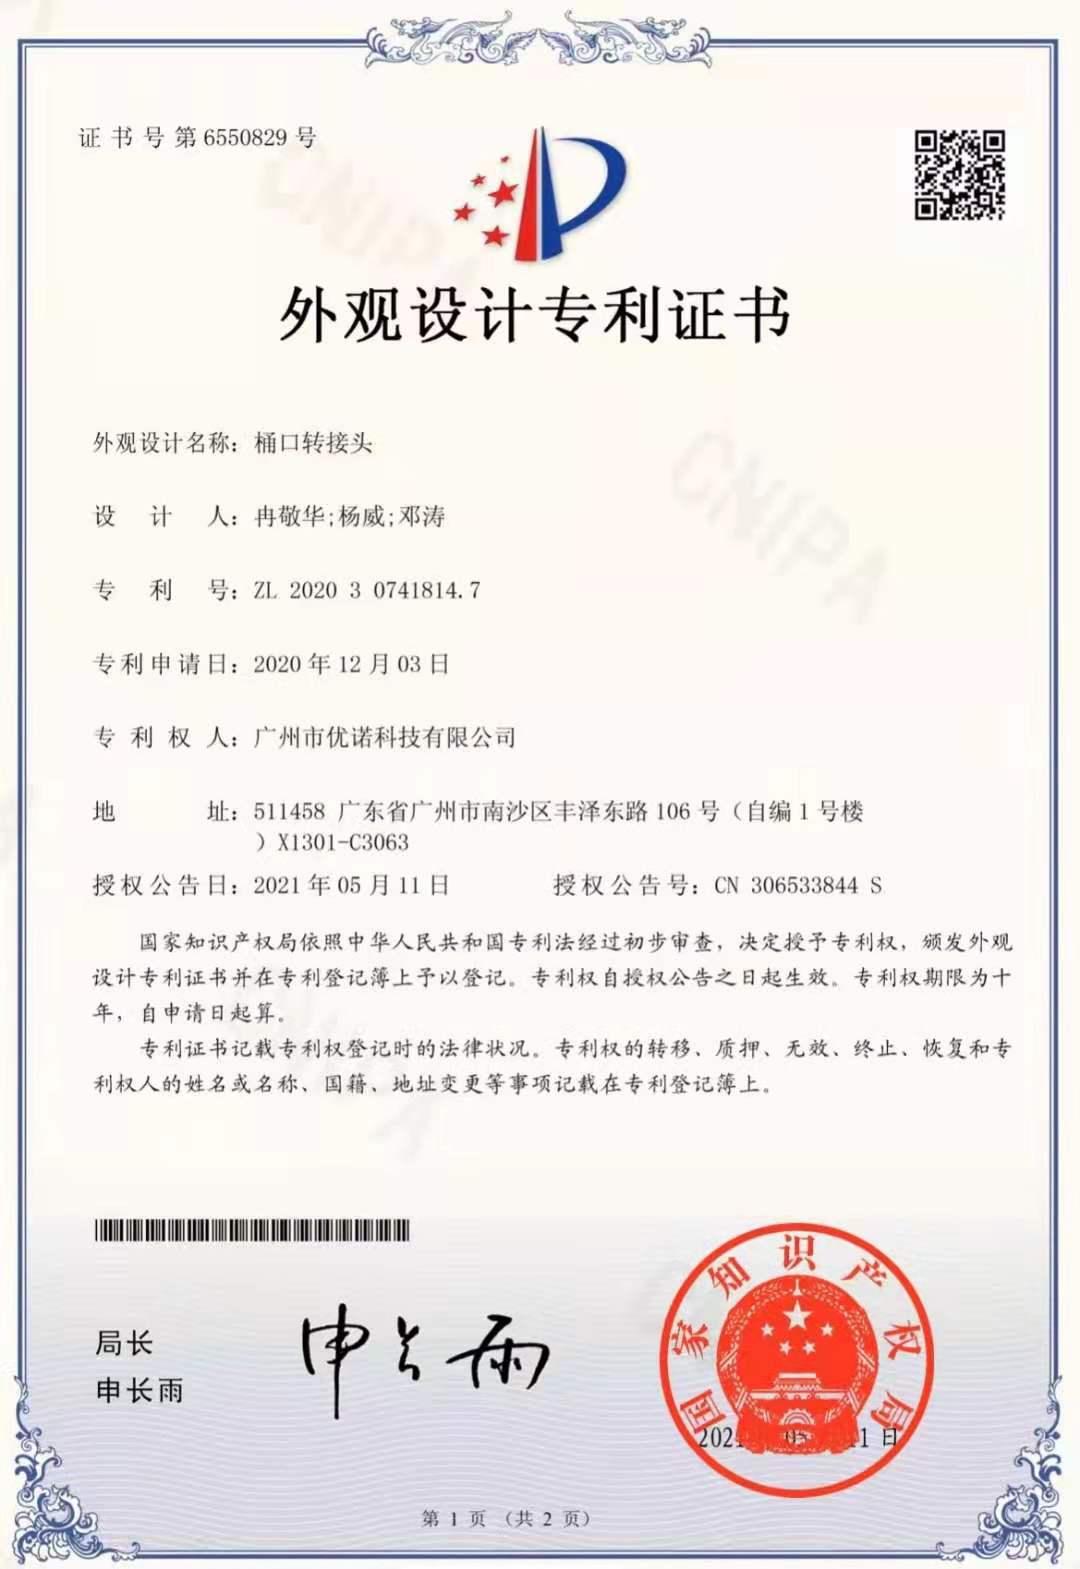 双喜临门丨优诺科技再获两项国家外观专利证书